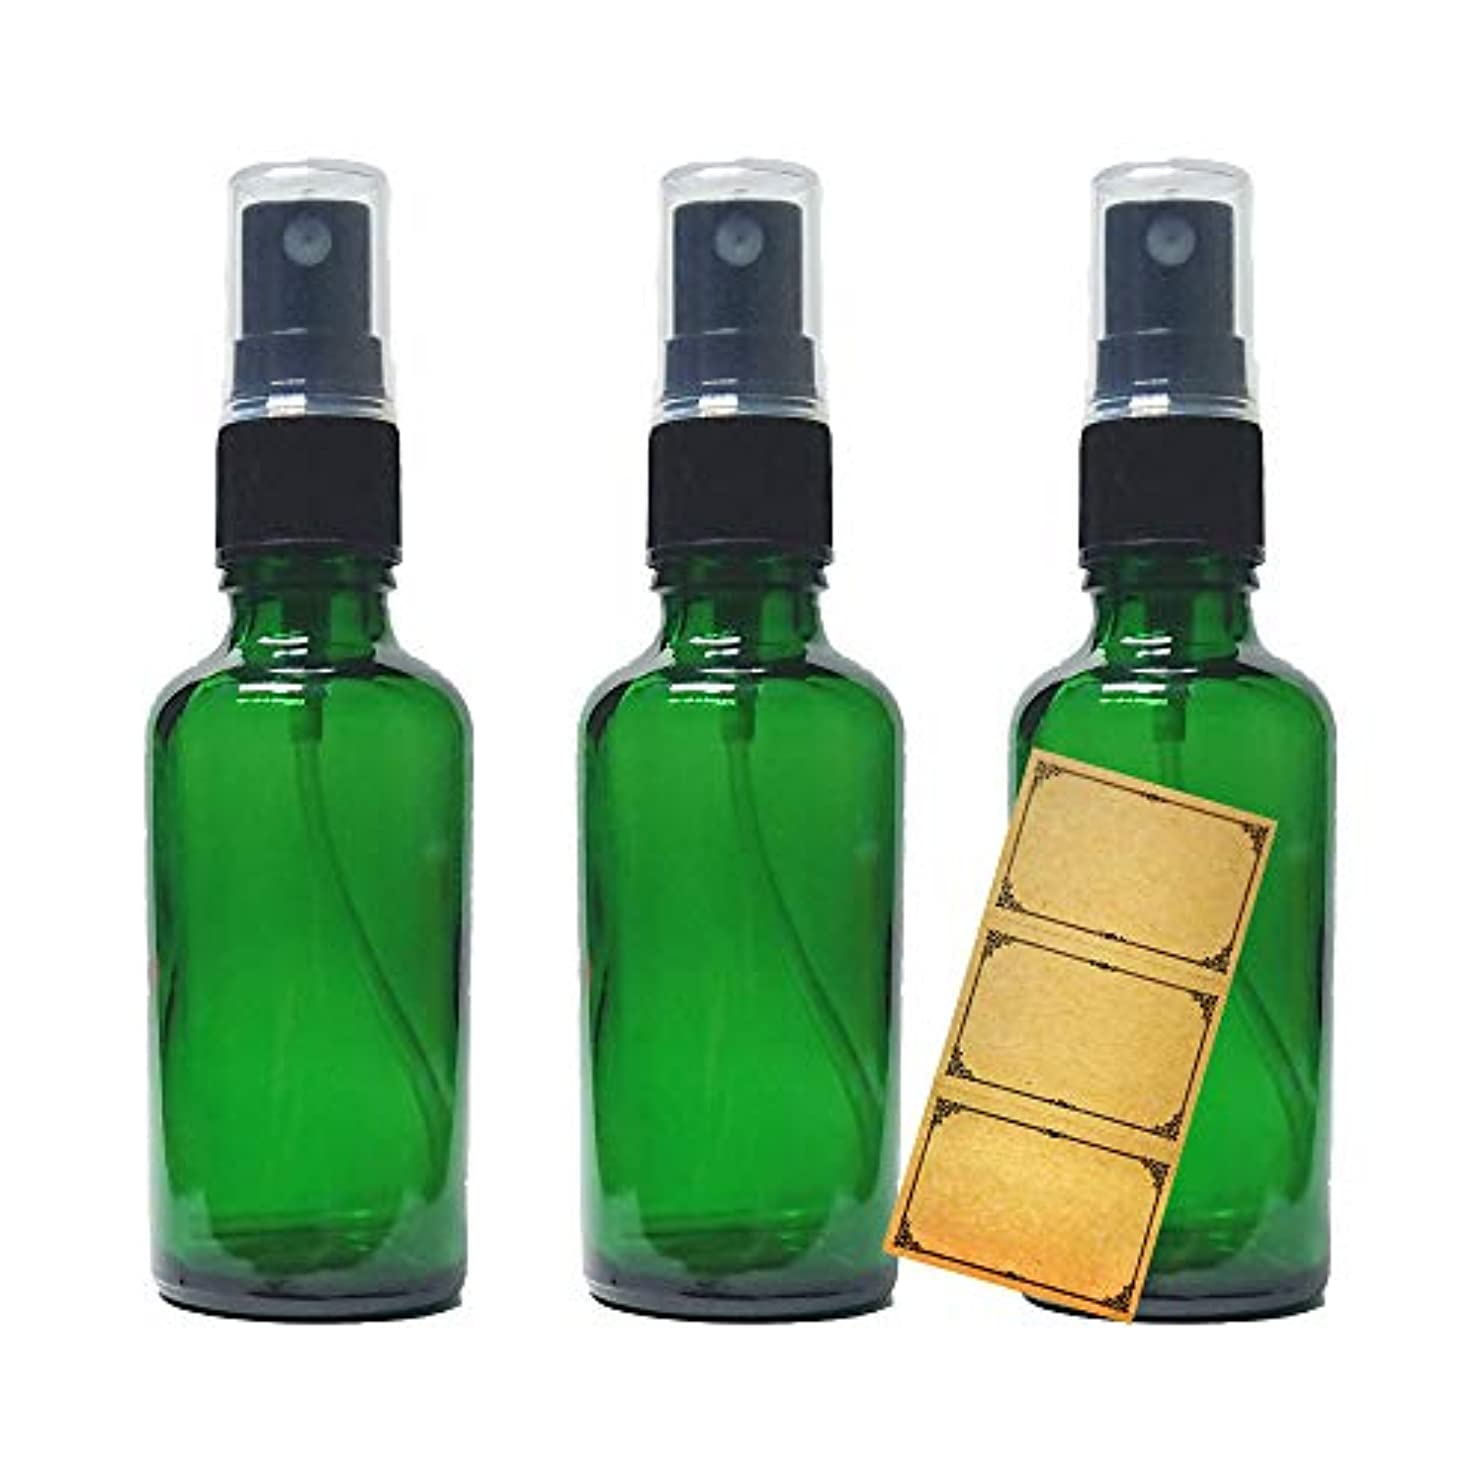 タフブロンズフライトスプレーボトル 遮光瓶 50ml 3本 緑色 オリジナルラベルシール付き